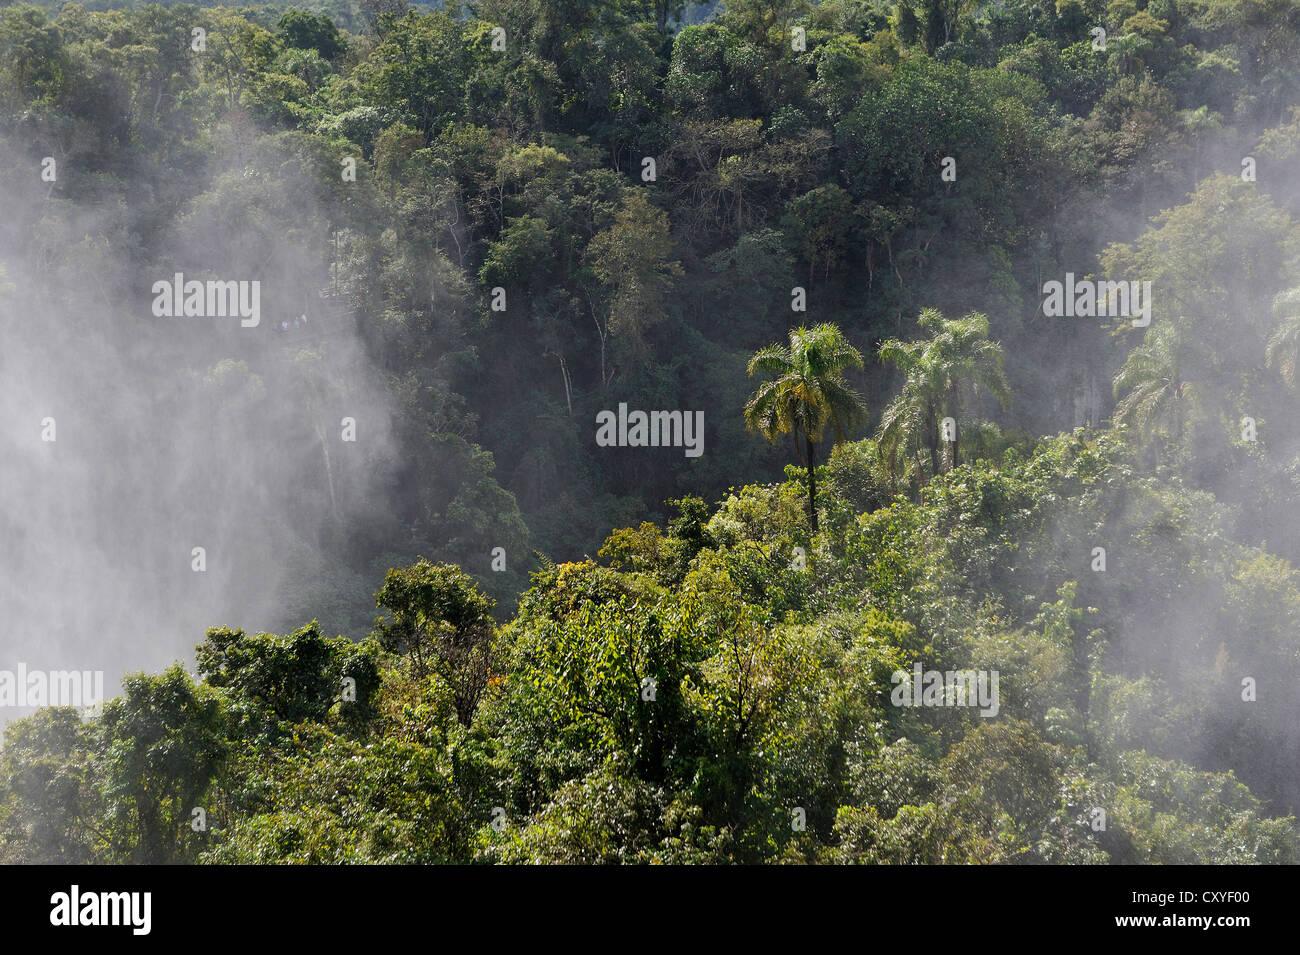 Couvrant de pulvérisation la forêt tropicale, chutes d'Iguacu Falls ou au patrimoine mondial de l'UNESCO, à la frontière du Brésil et l'Argentine Banque D'Images